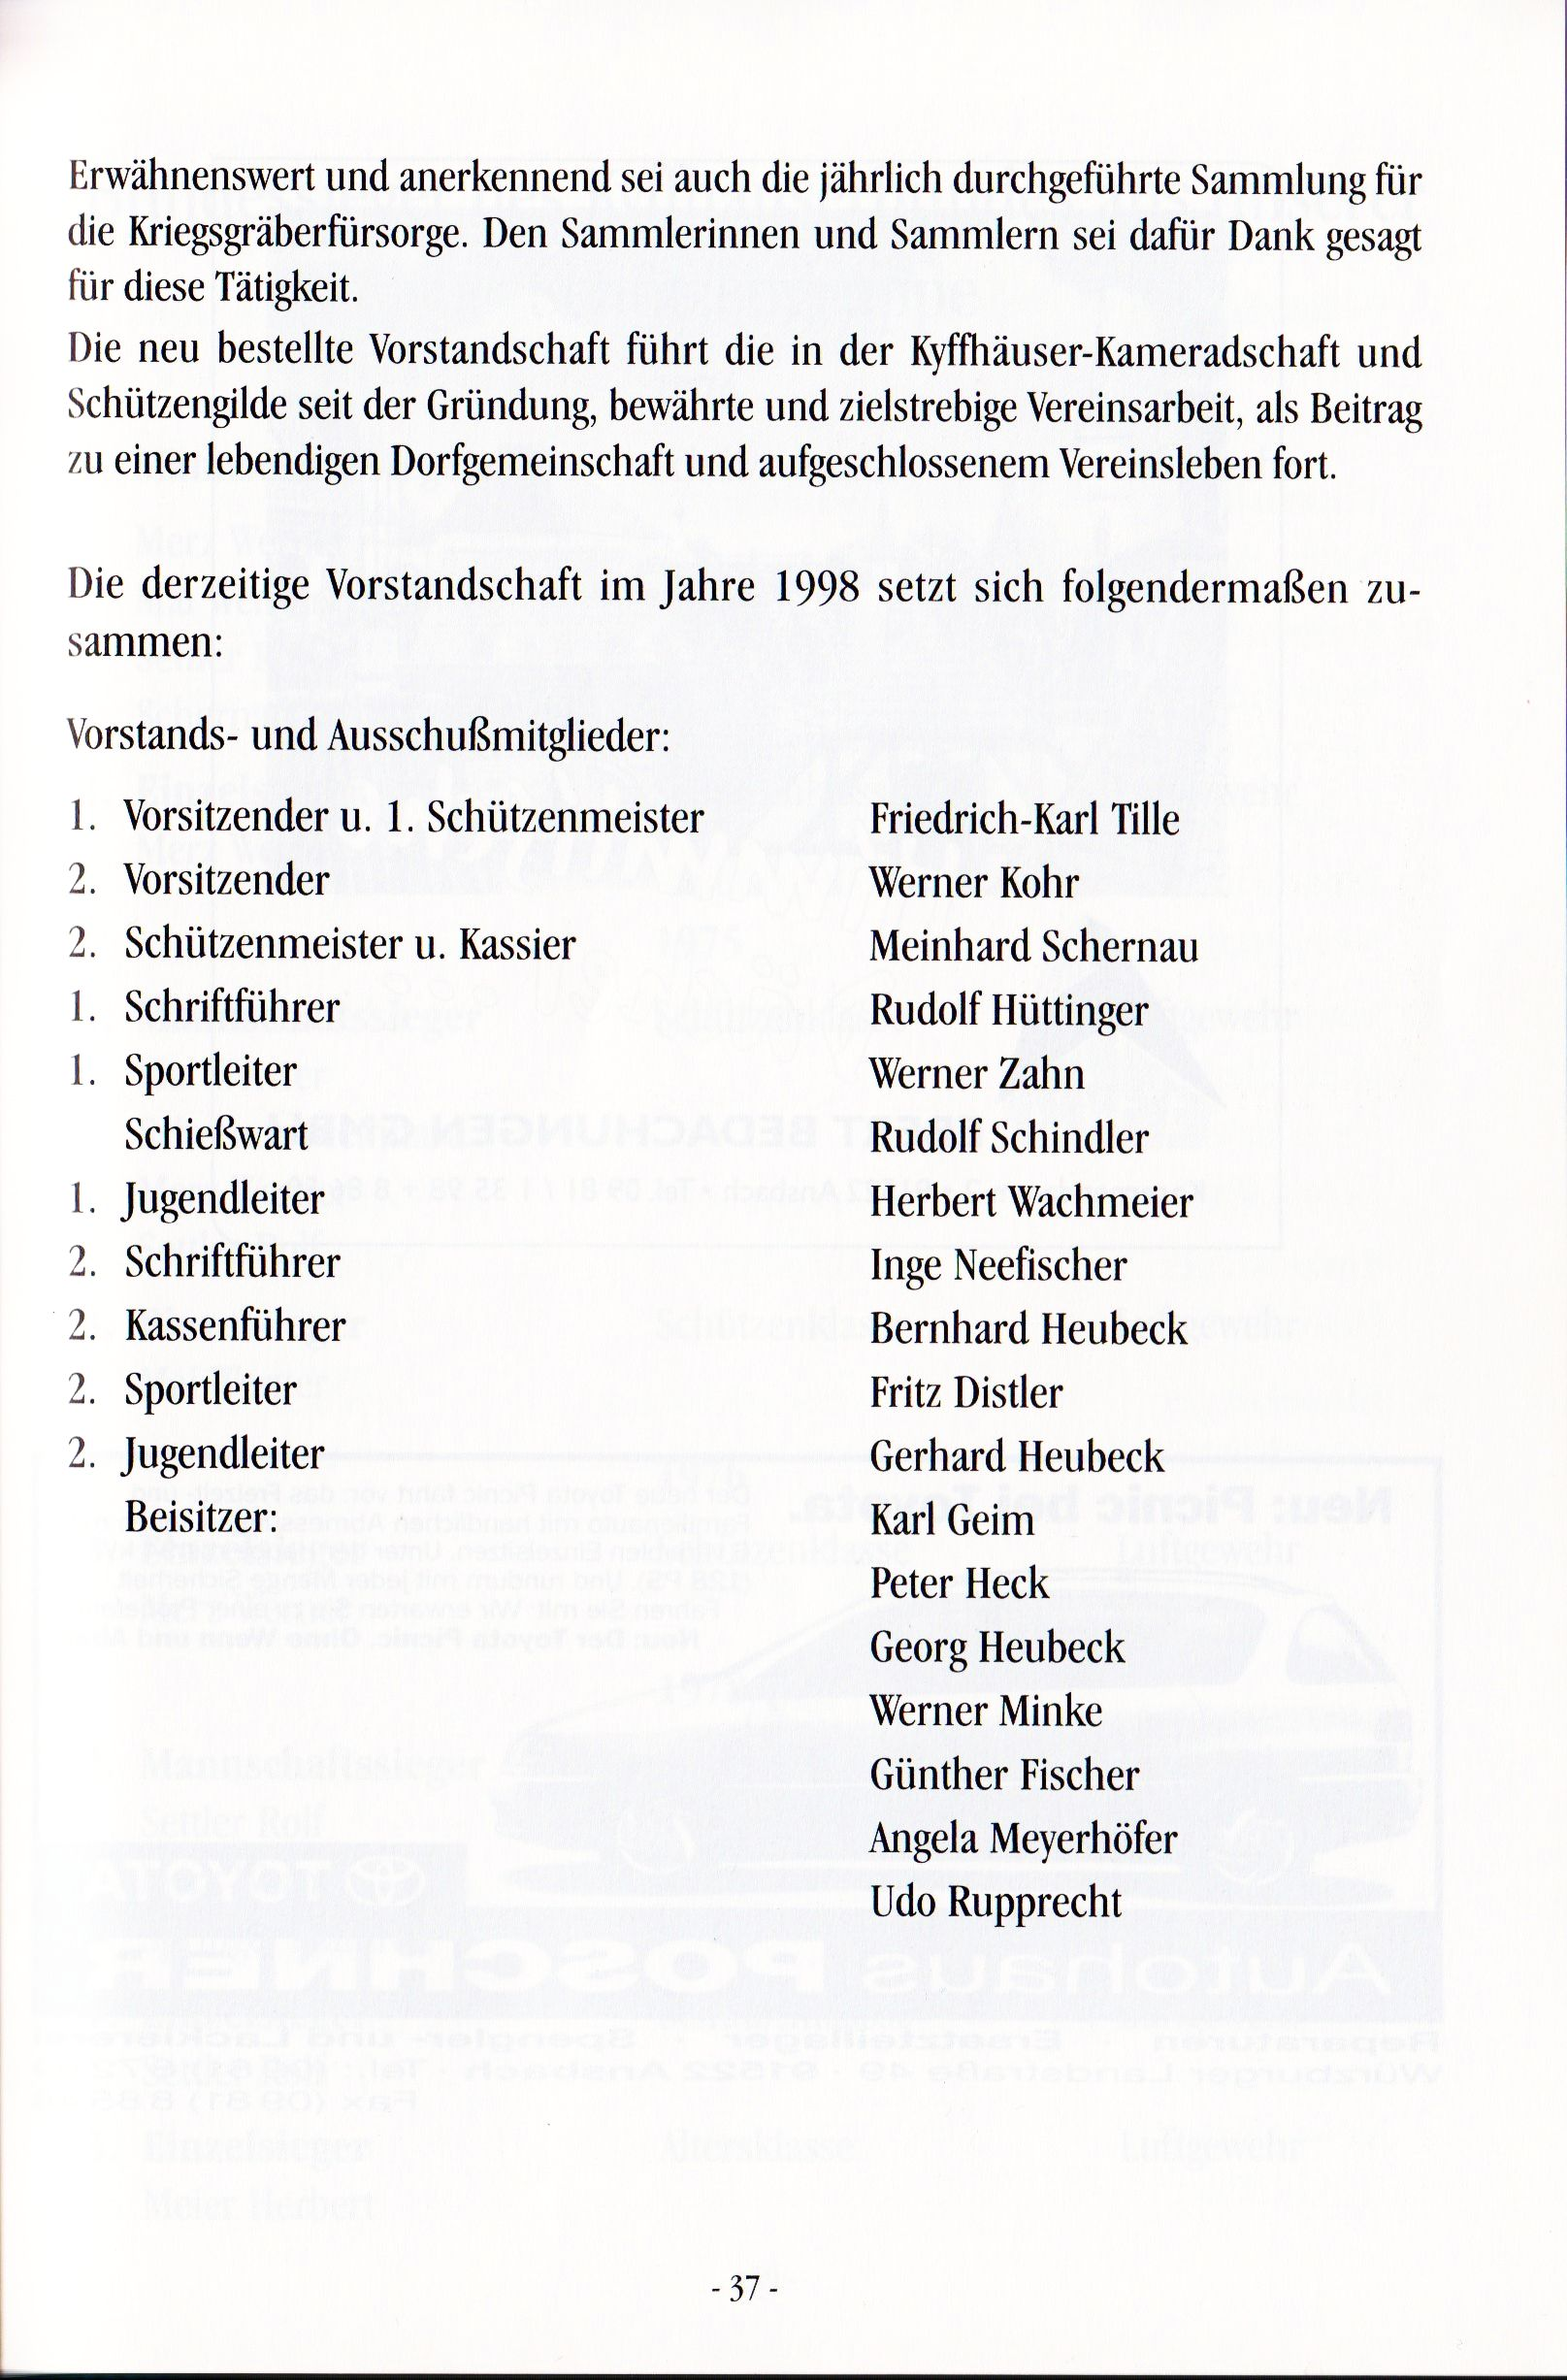 Geschichte_Kyffhaeuser_Seite13